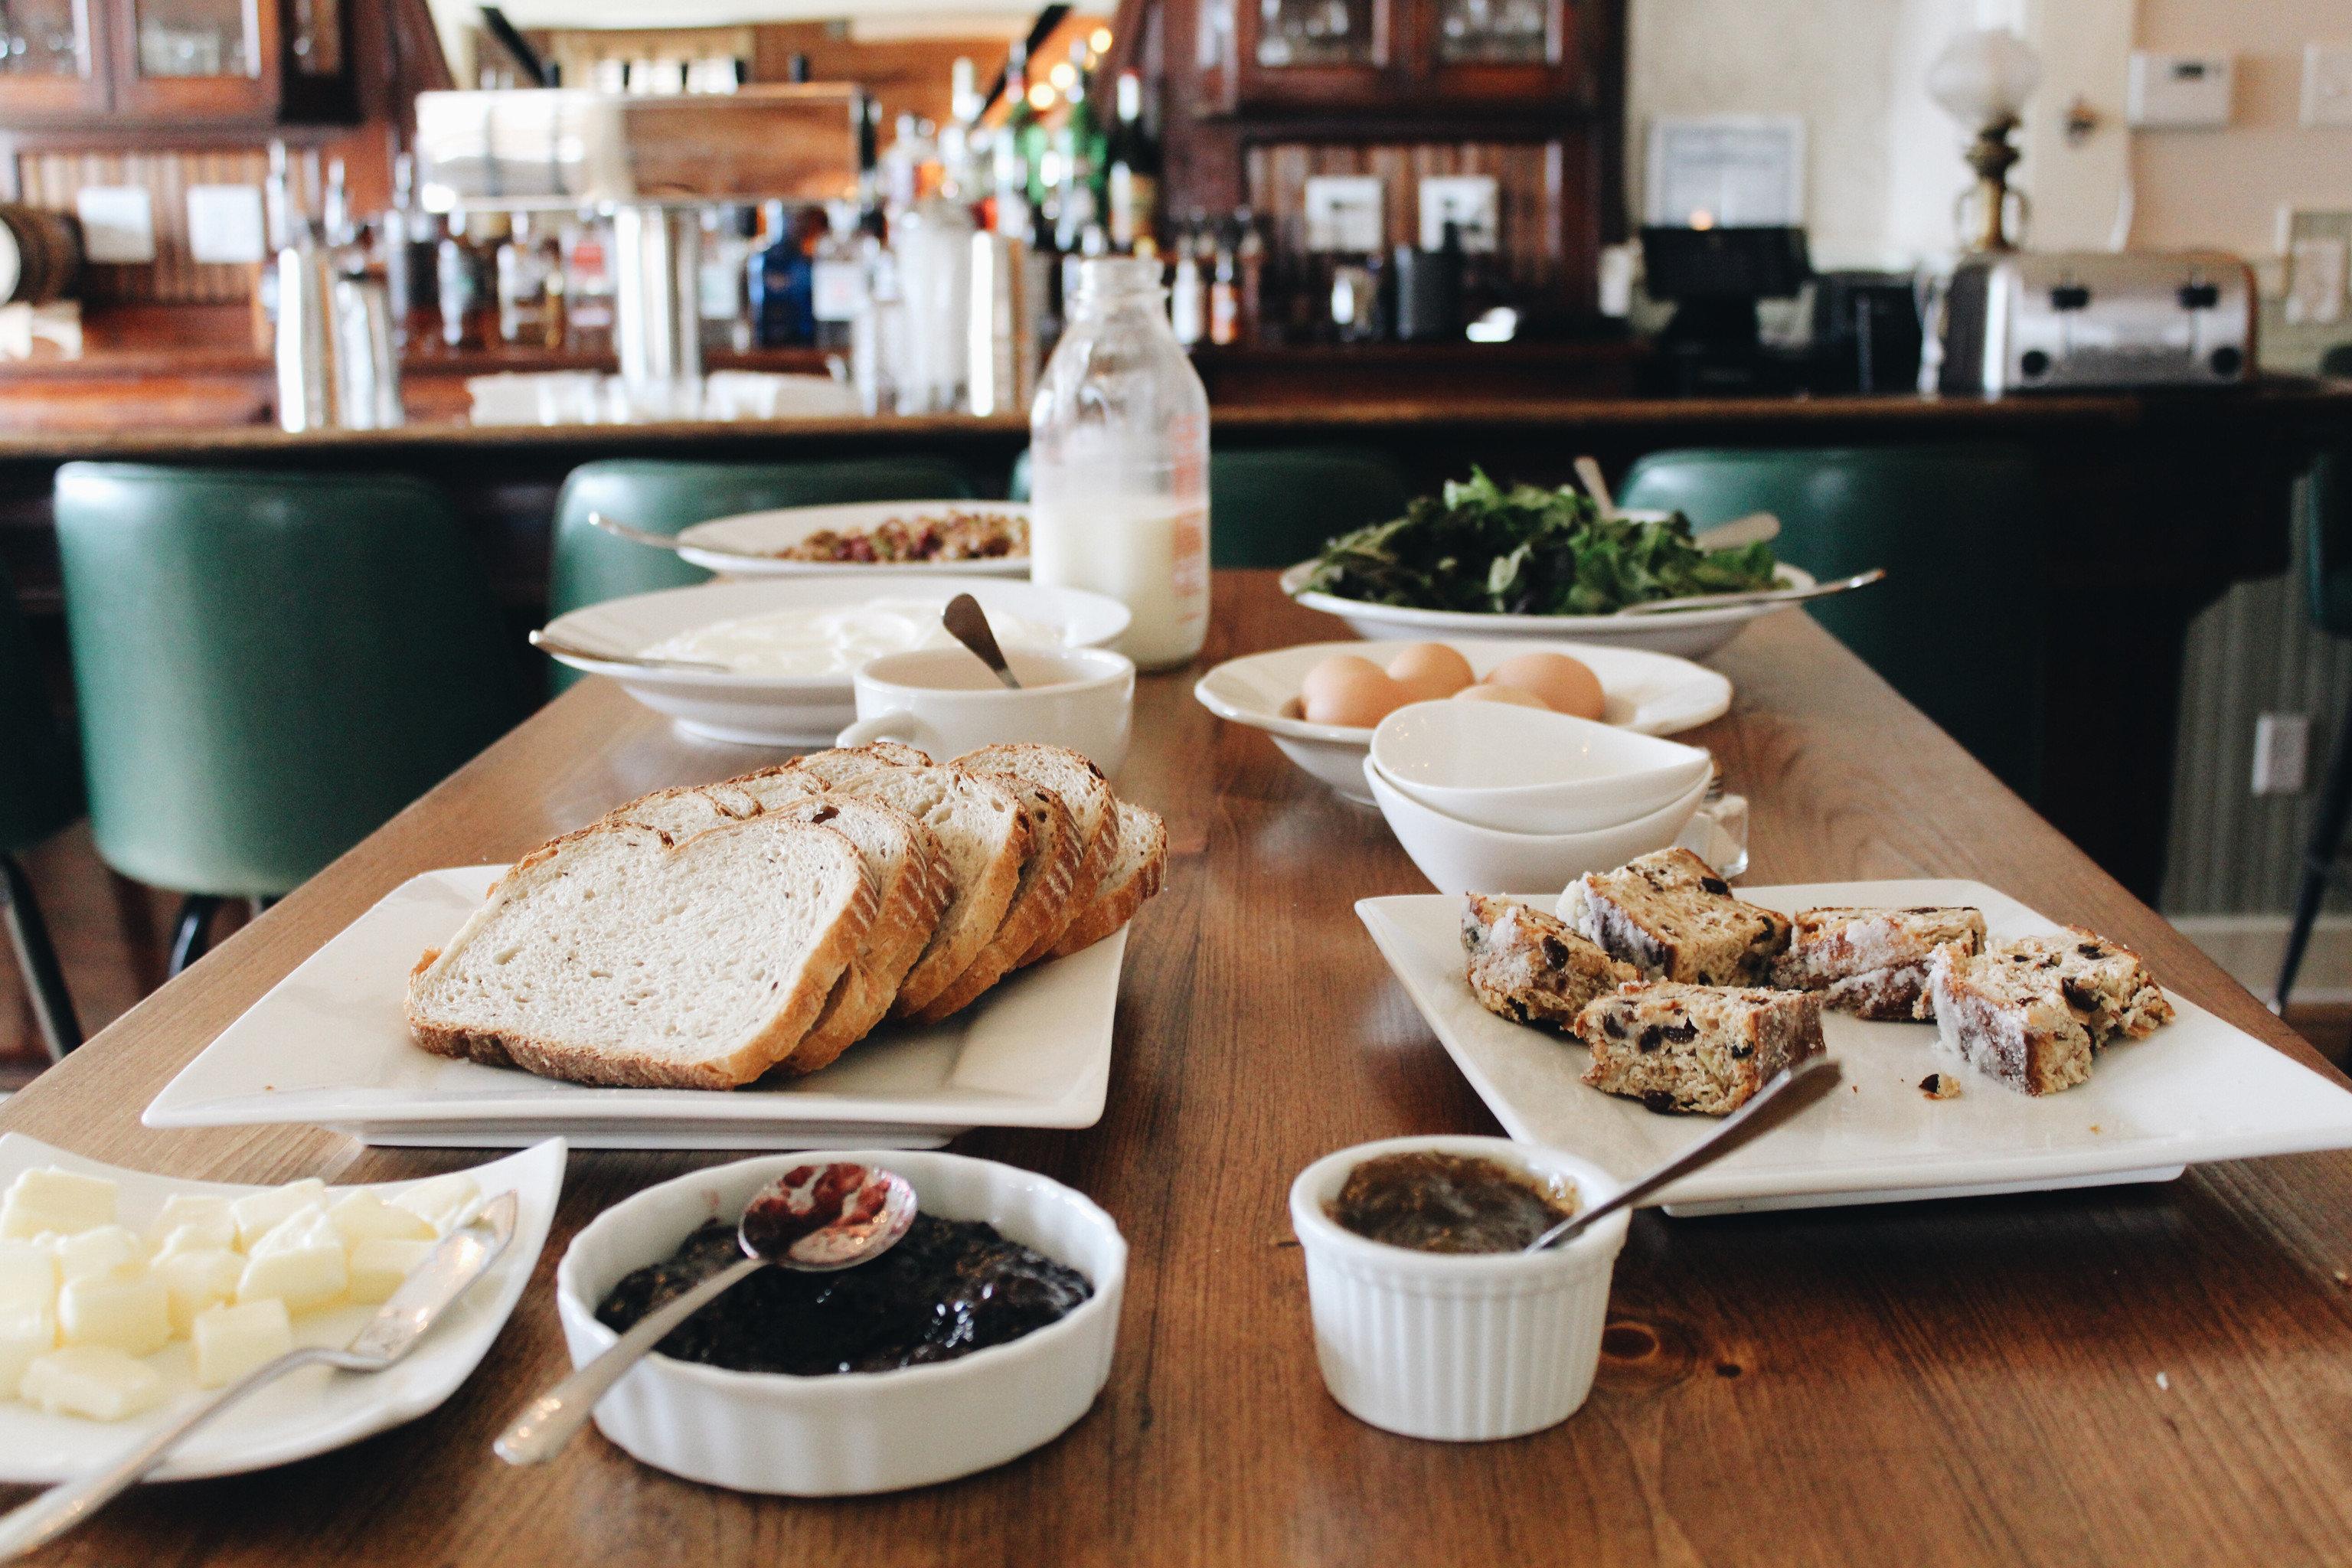 food plate brunch lunch breakfast restaurant sense buffet